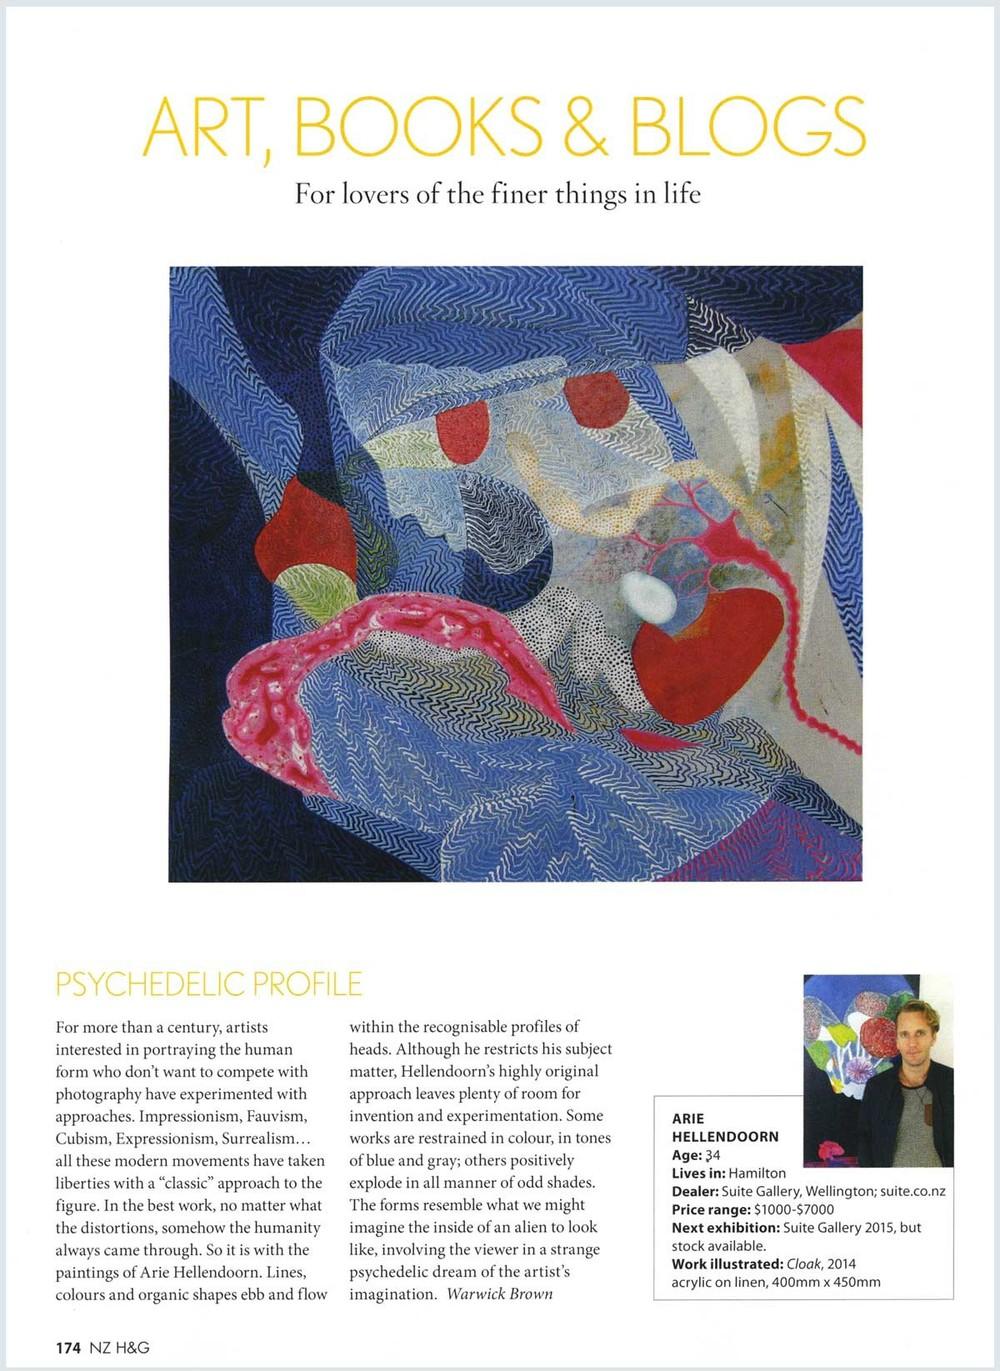 Arie Hellendoorn Warwick Brown piece from NZ House & Garden Magazine, November 2014